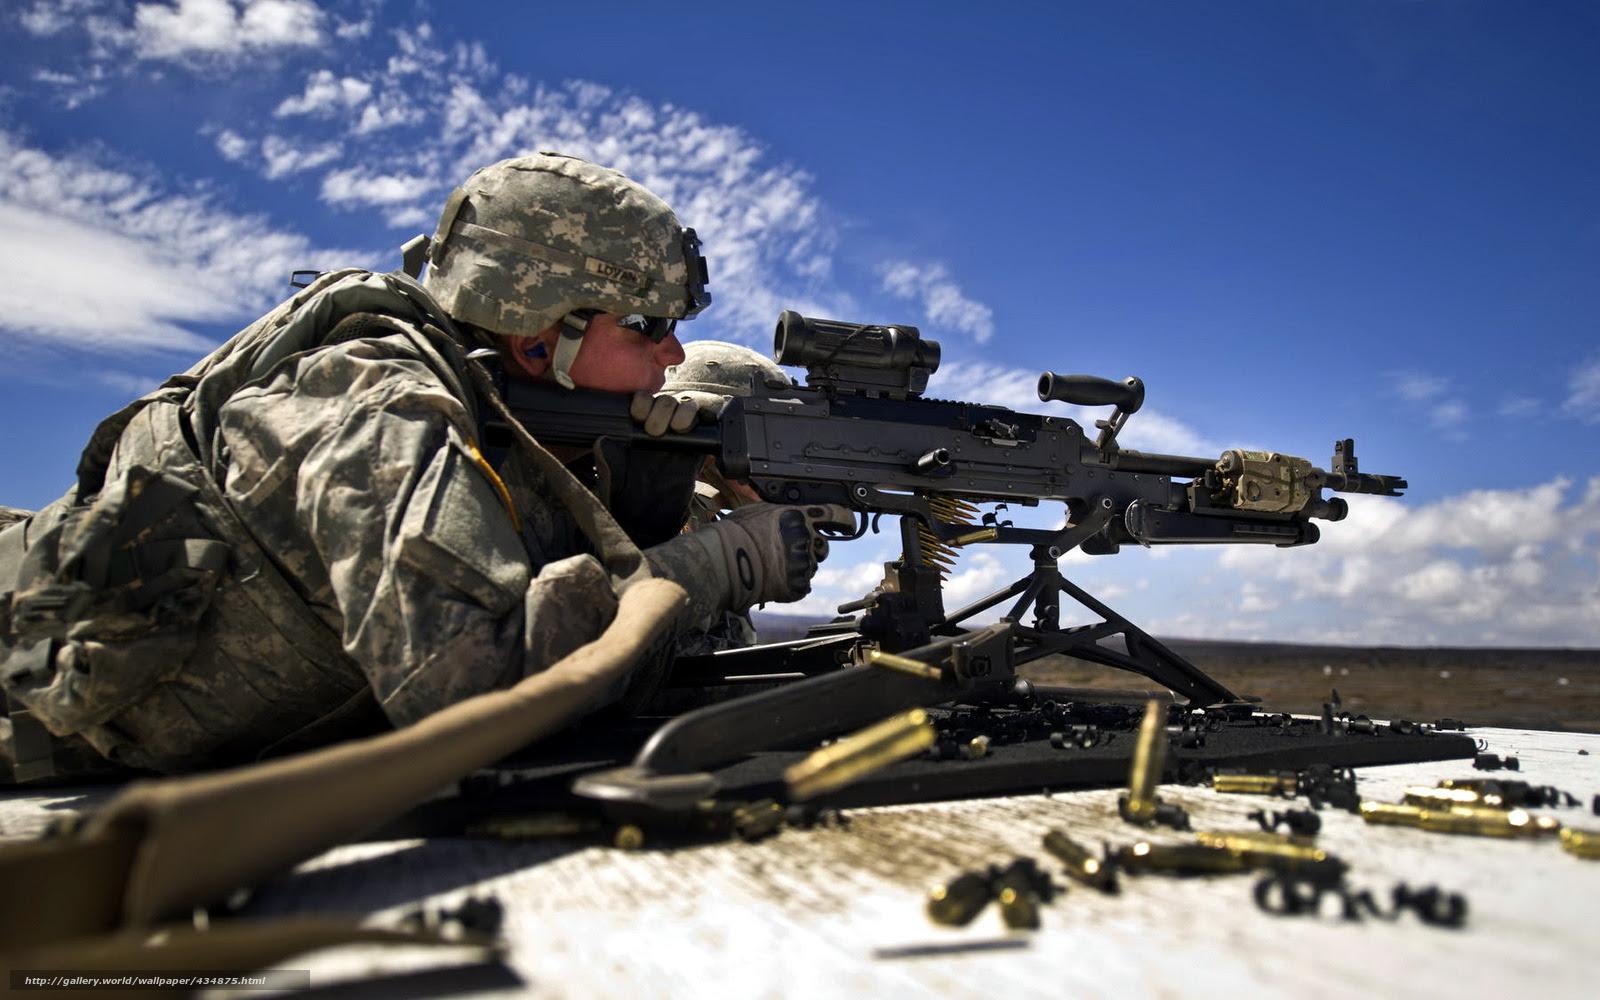 壁紙をダウンロード 兵士 銃 武器 デスクトップの解像度のための無料